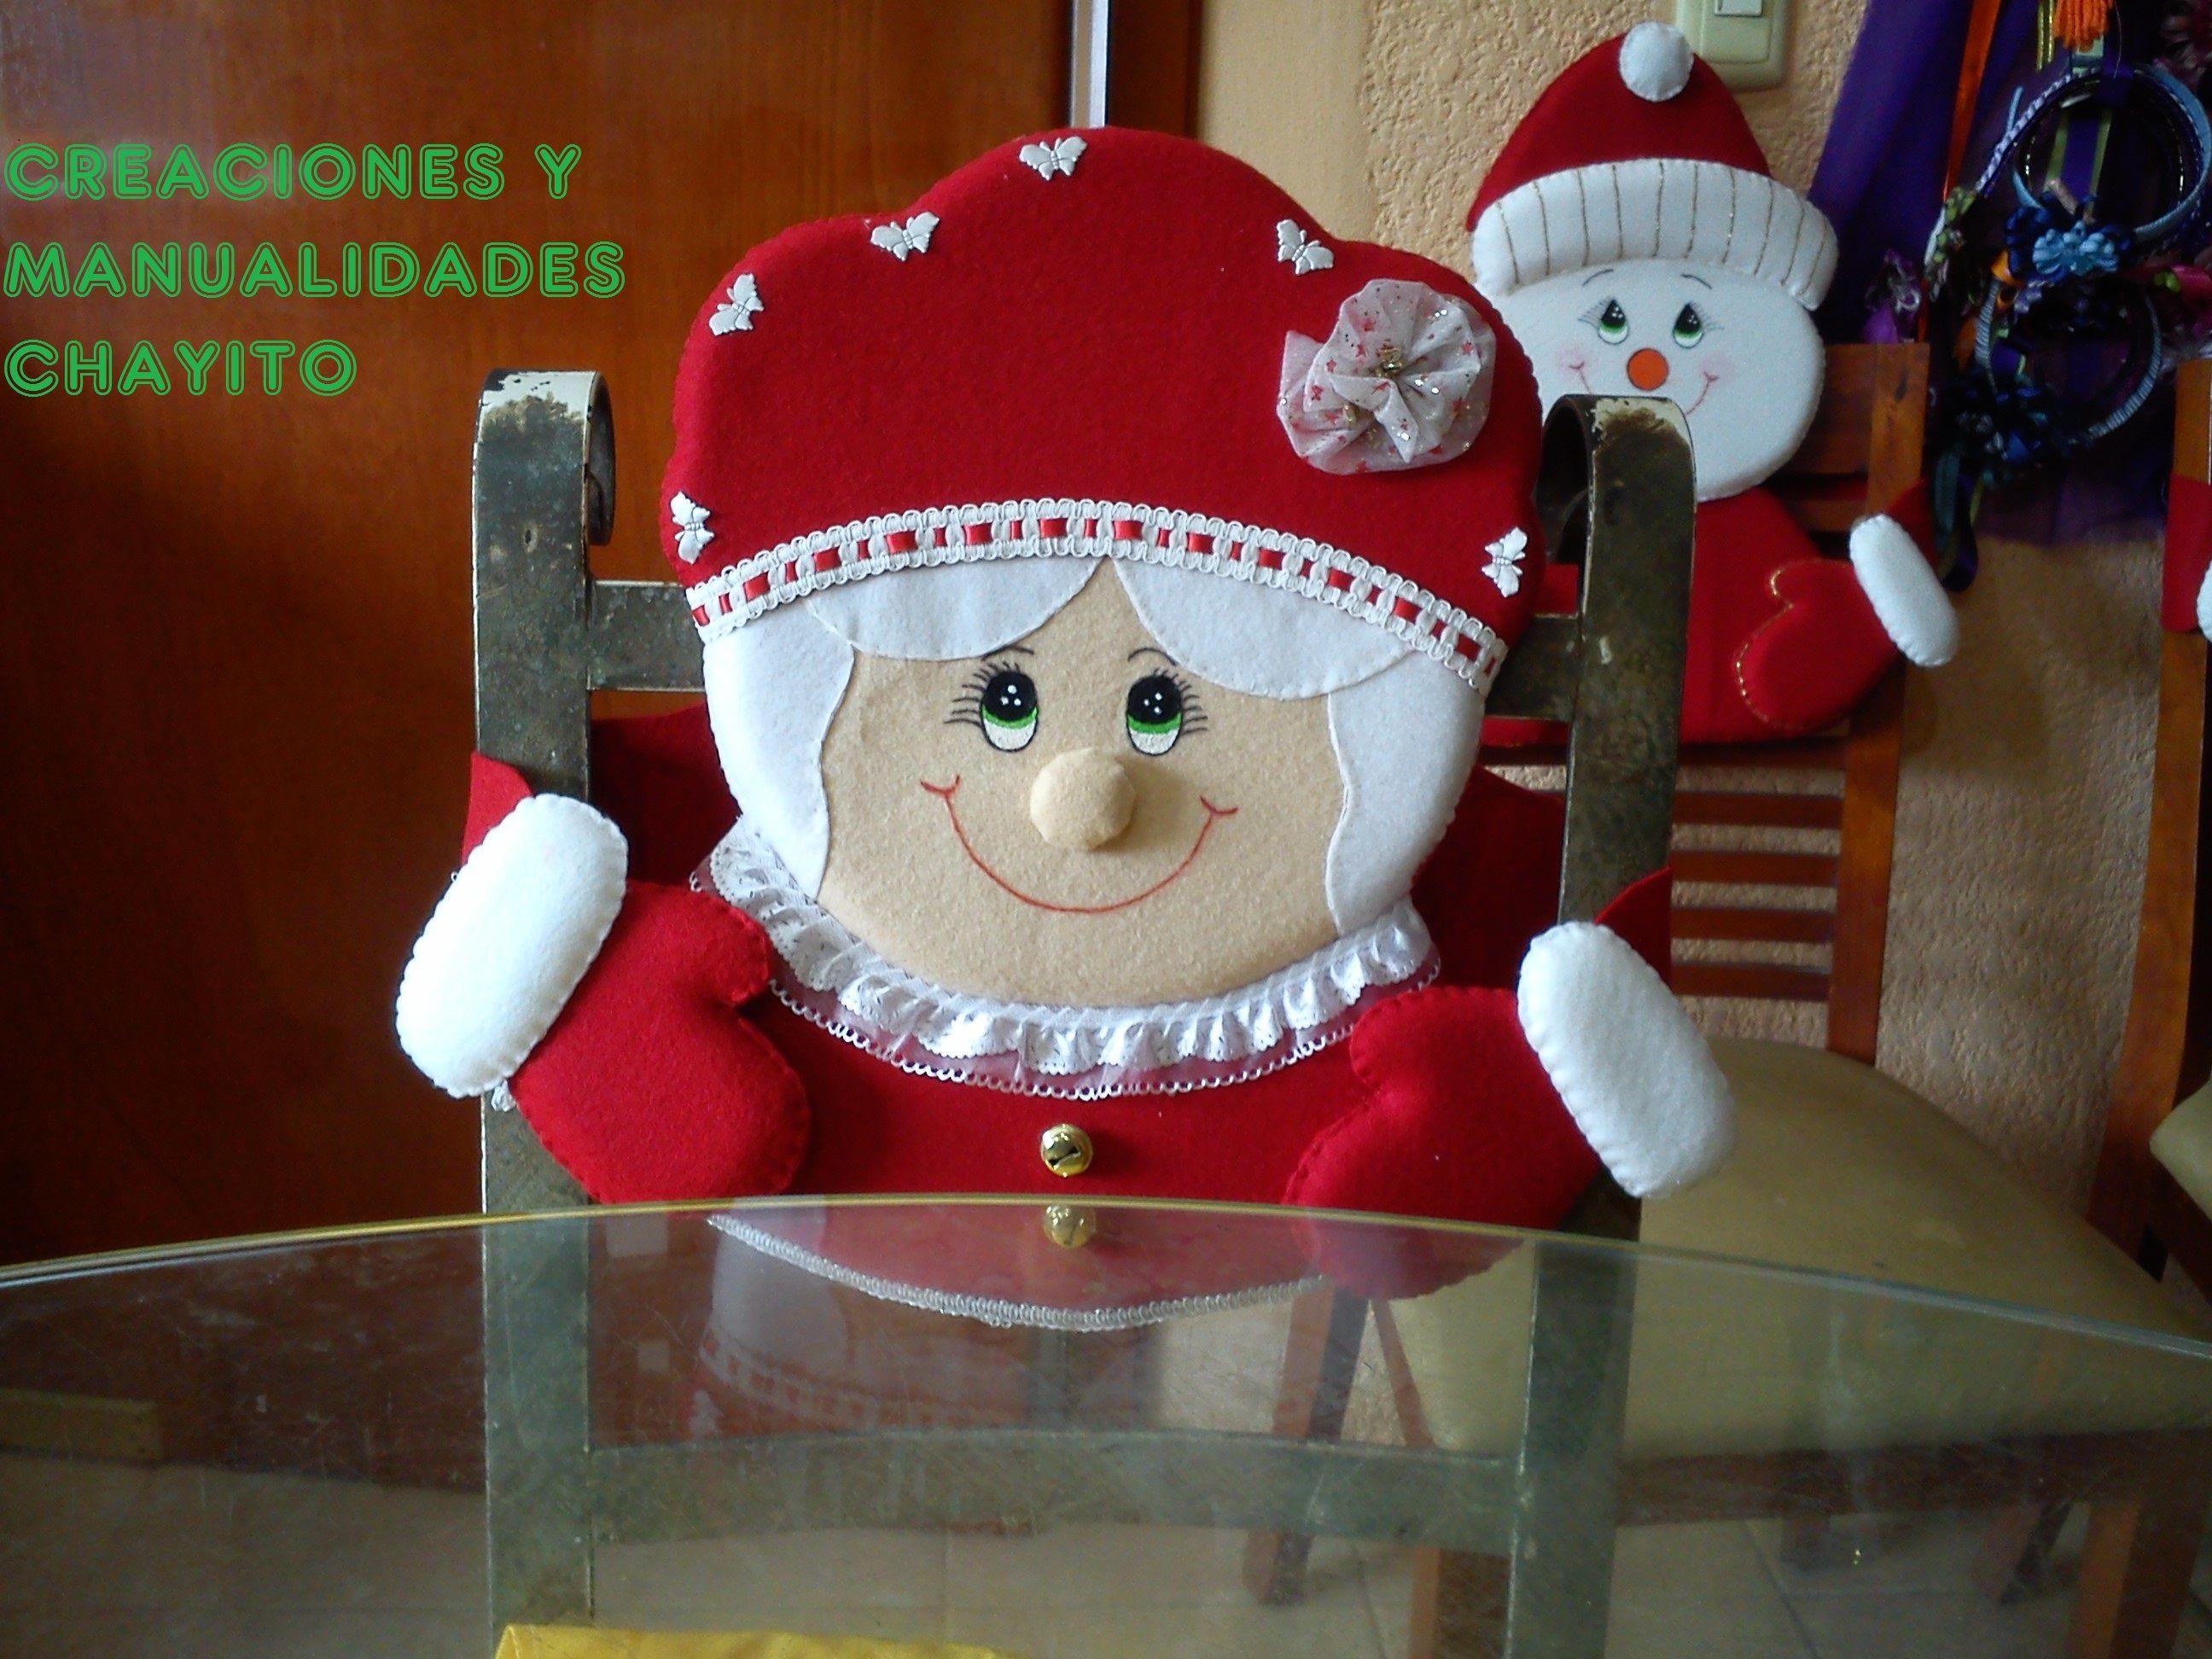 Cubre sillas adornos navide os pinterest cubre - Adornos navidenos para sillas ...